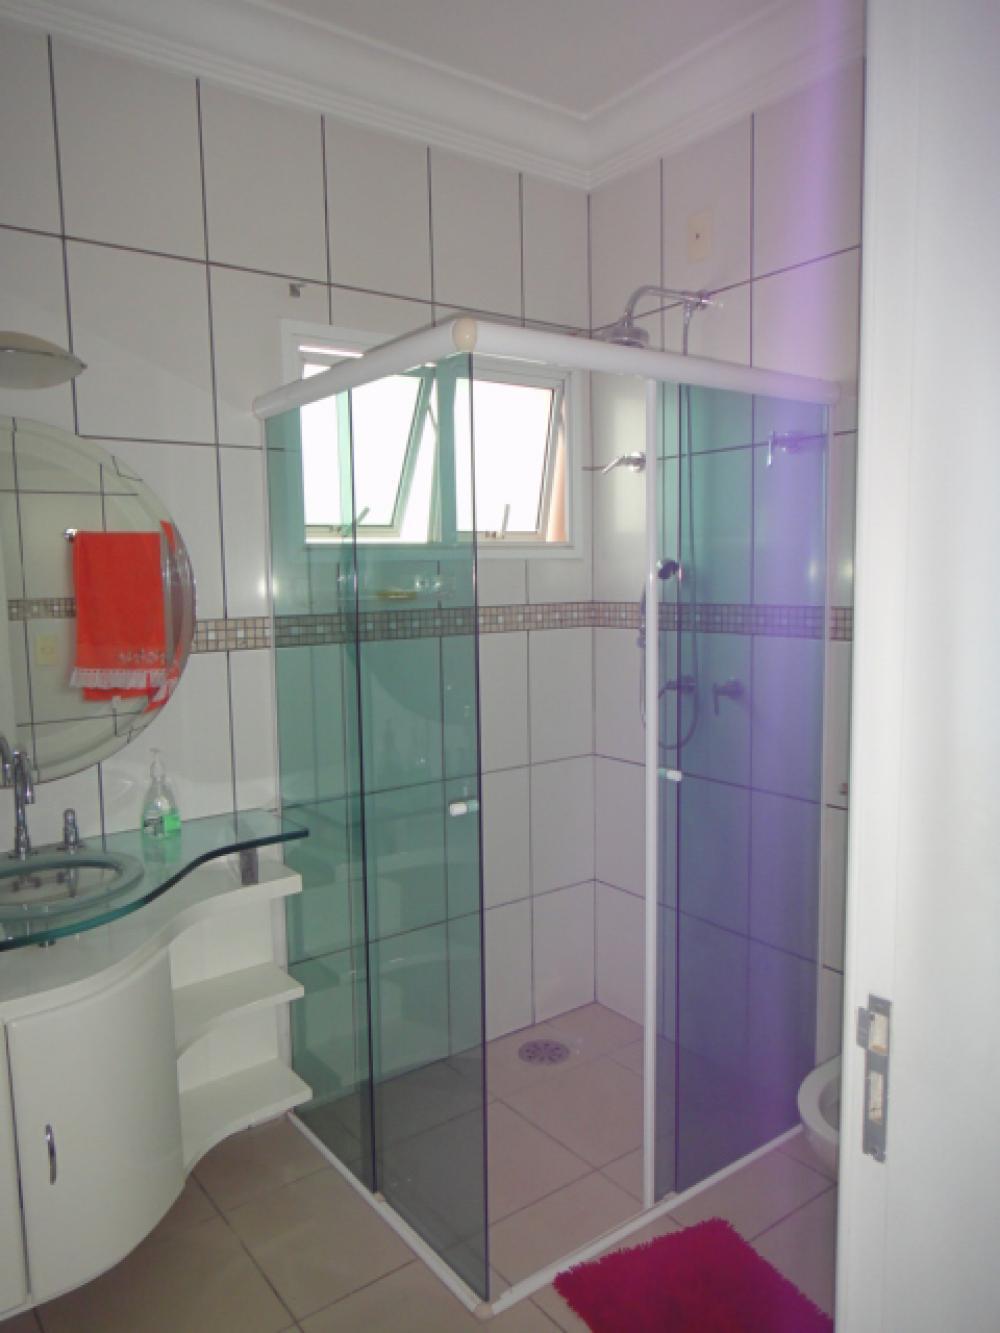 Comprar Casa / Condomínio em São José do Rio Preto R$ 1.980.000,00 - Foto 12